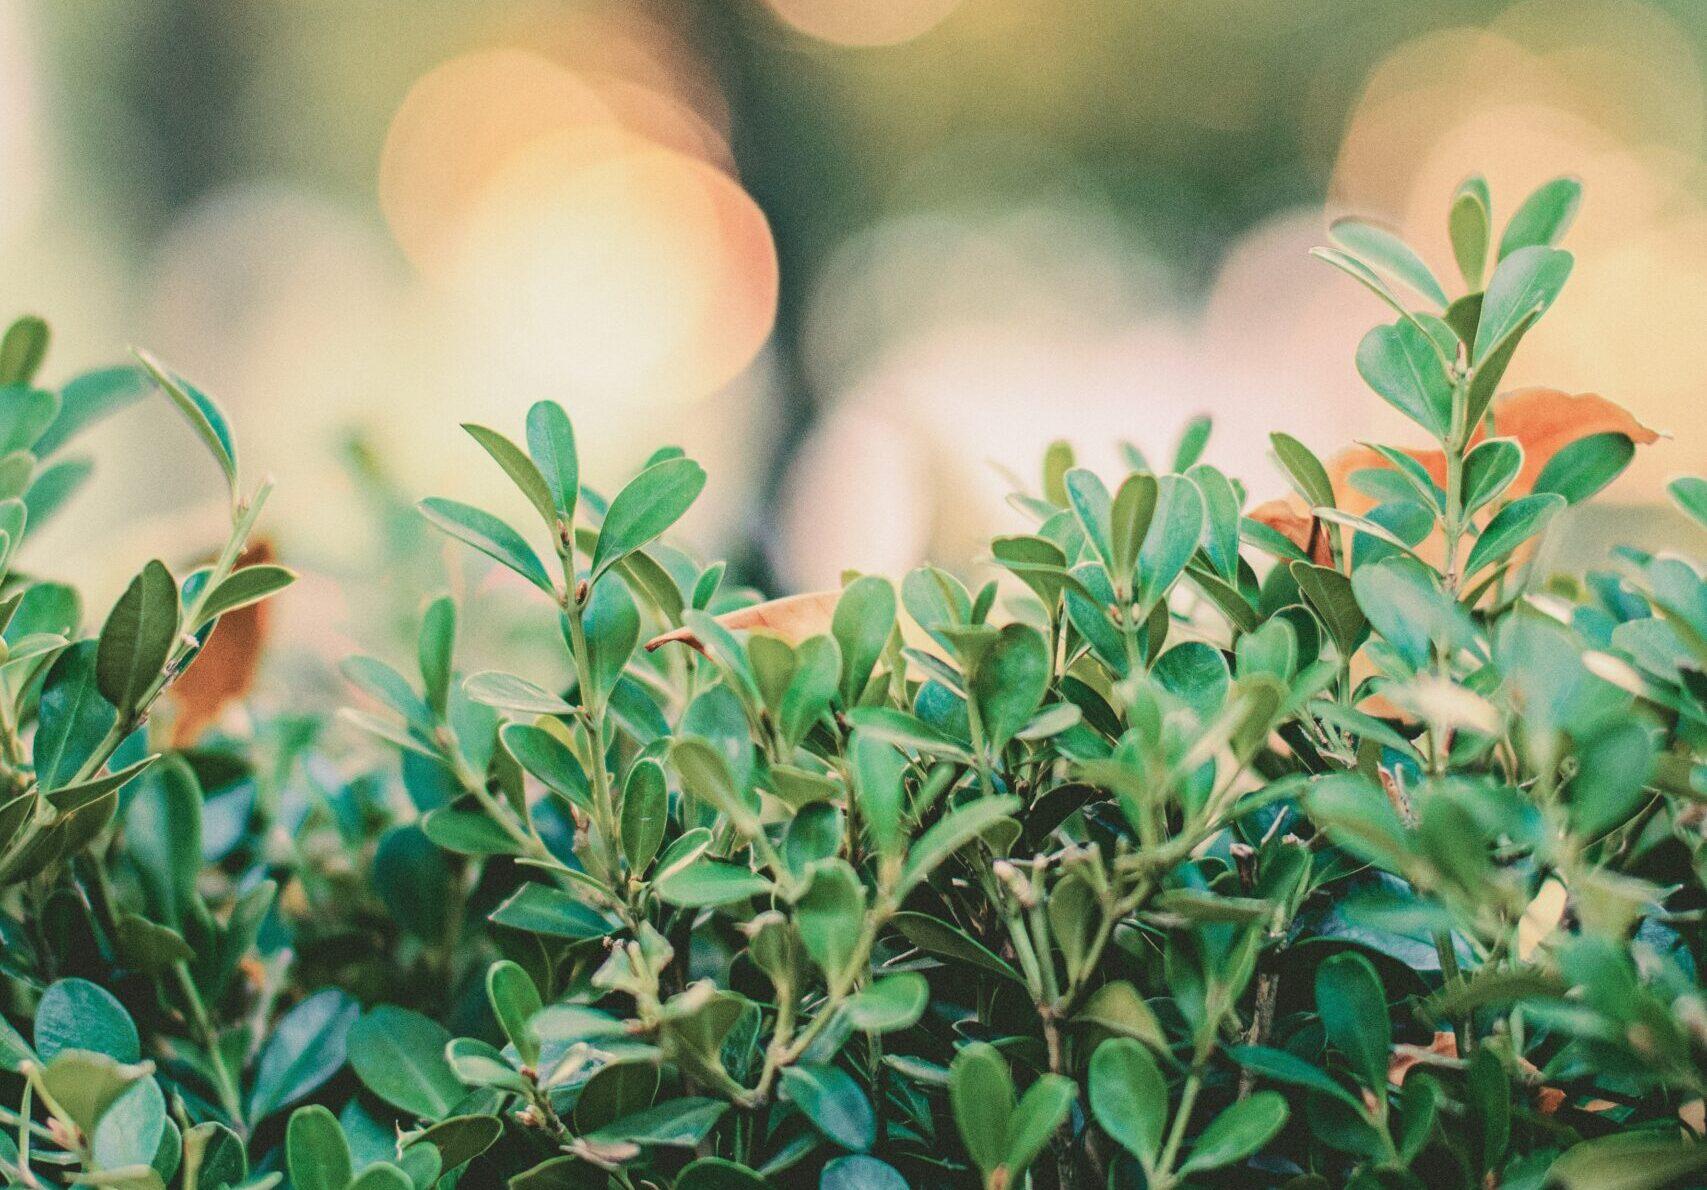 <植物愛が伝わる>園芸YouTuberのおすすめチャンネルをまとめてみた!